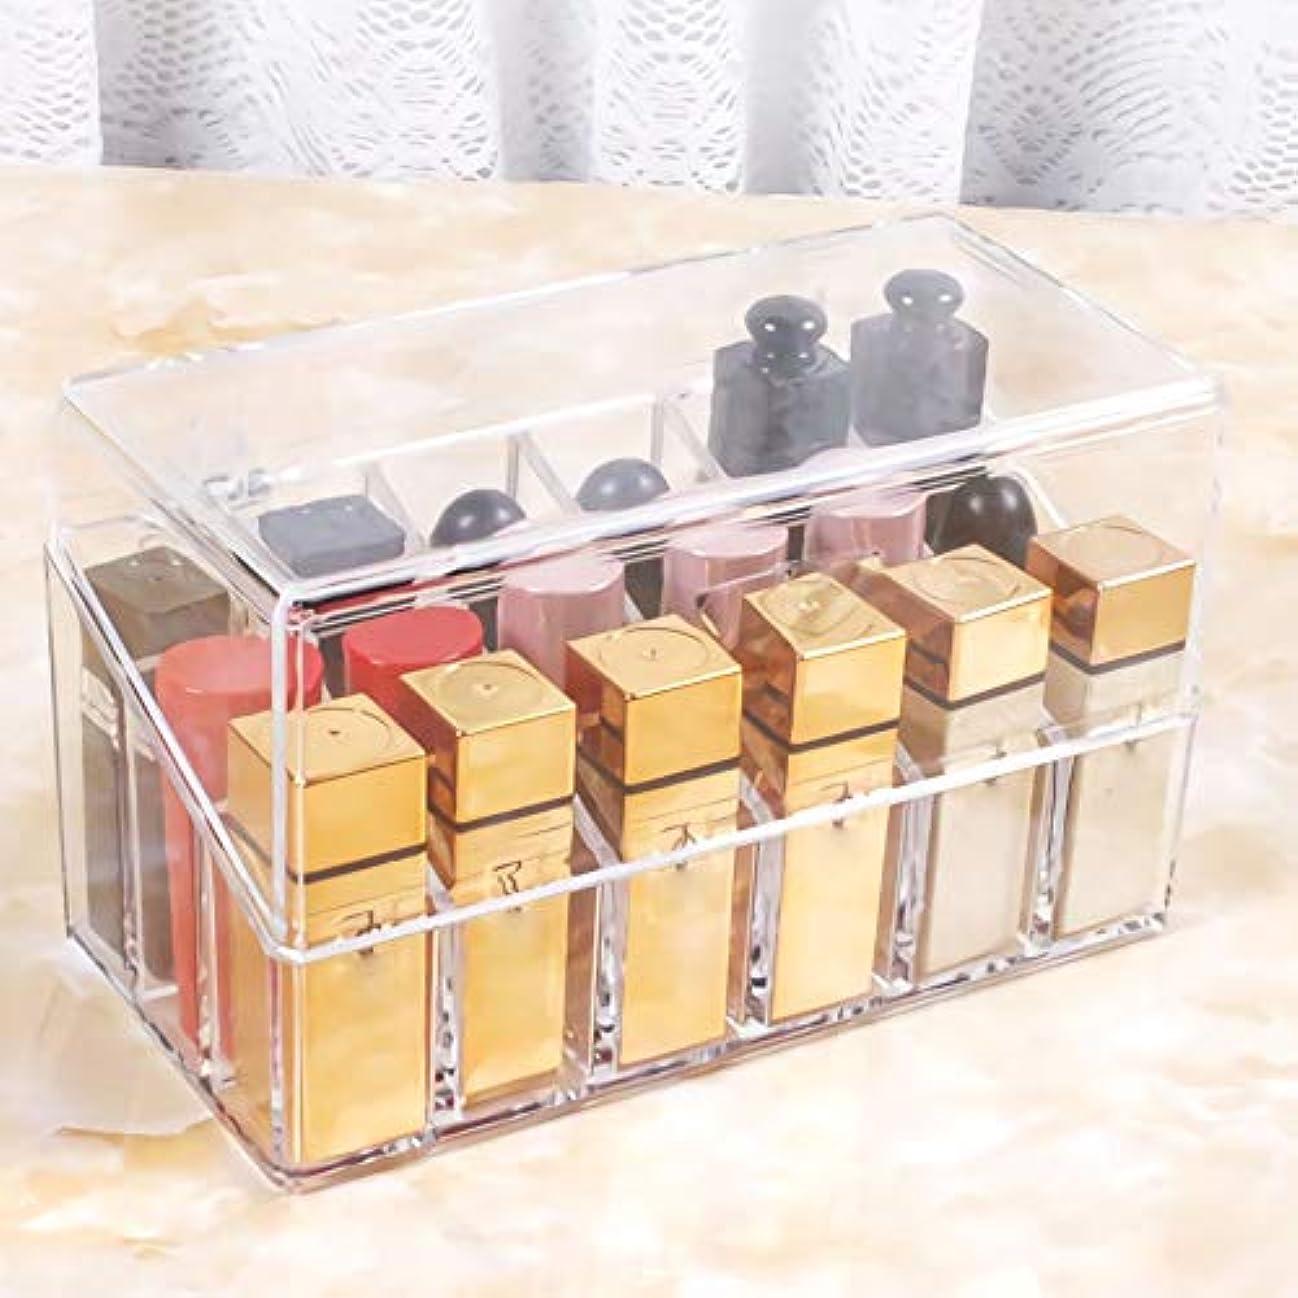 植物の見込み多分アクリルケース リップ収納 ボックス プレゼント 口紅いれ 蓋付き 仕切り式 多用途 防塵 透明 18本